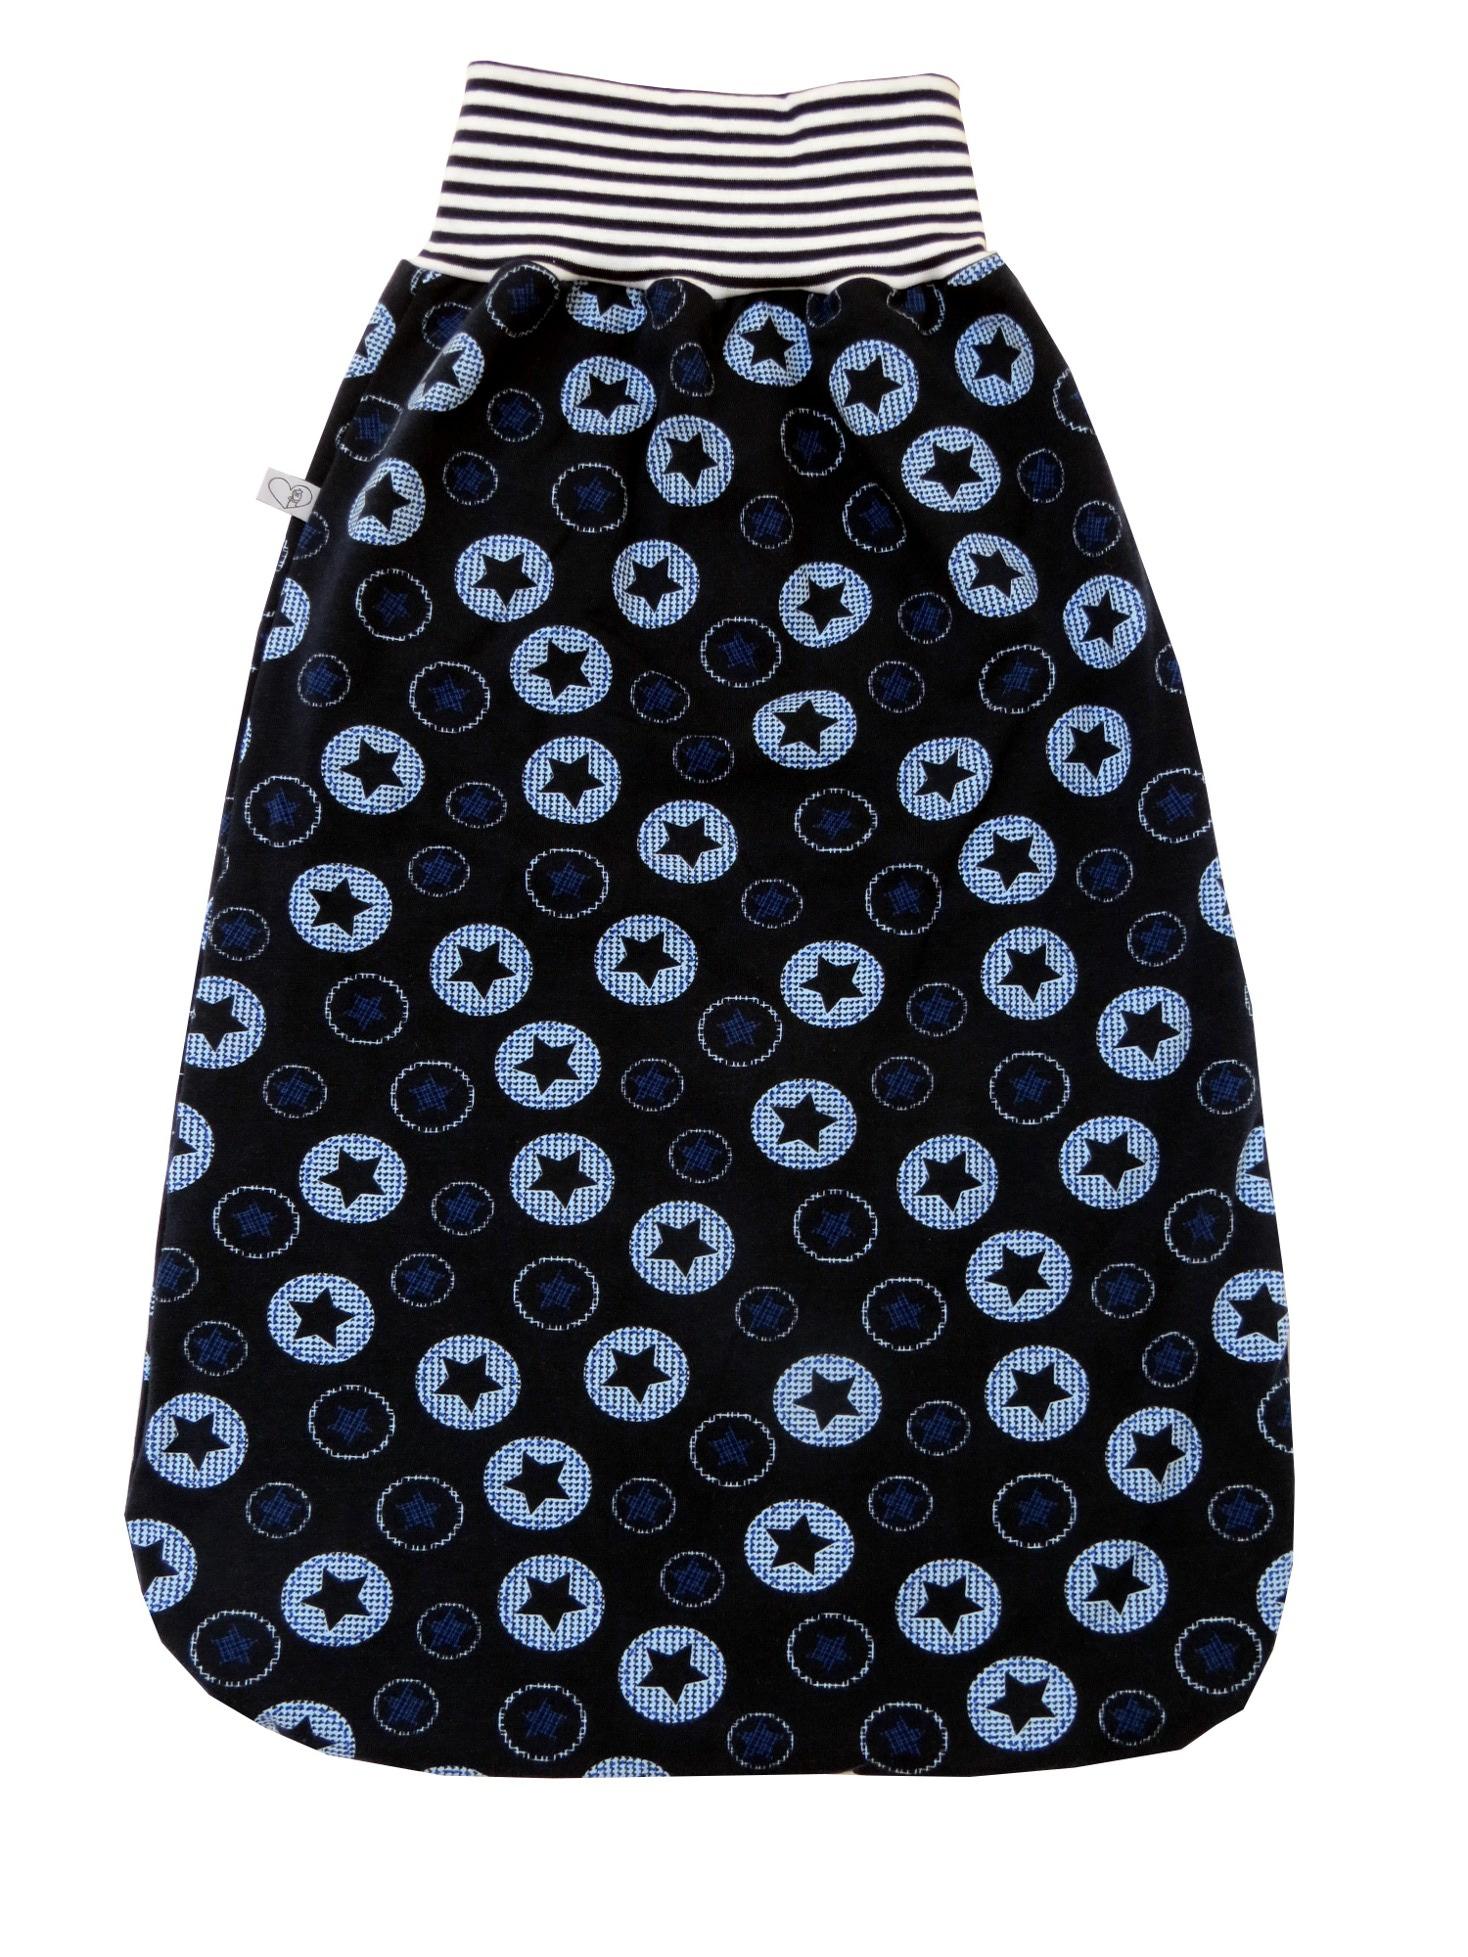 Kleinesbild - Schlafsack Sterne Fußsack Pucksack in blau mit Sternen